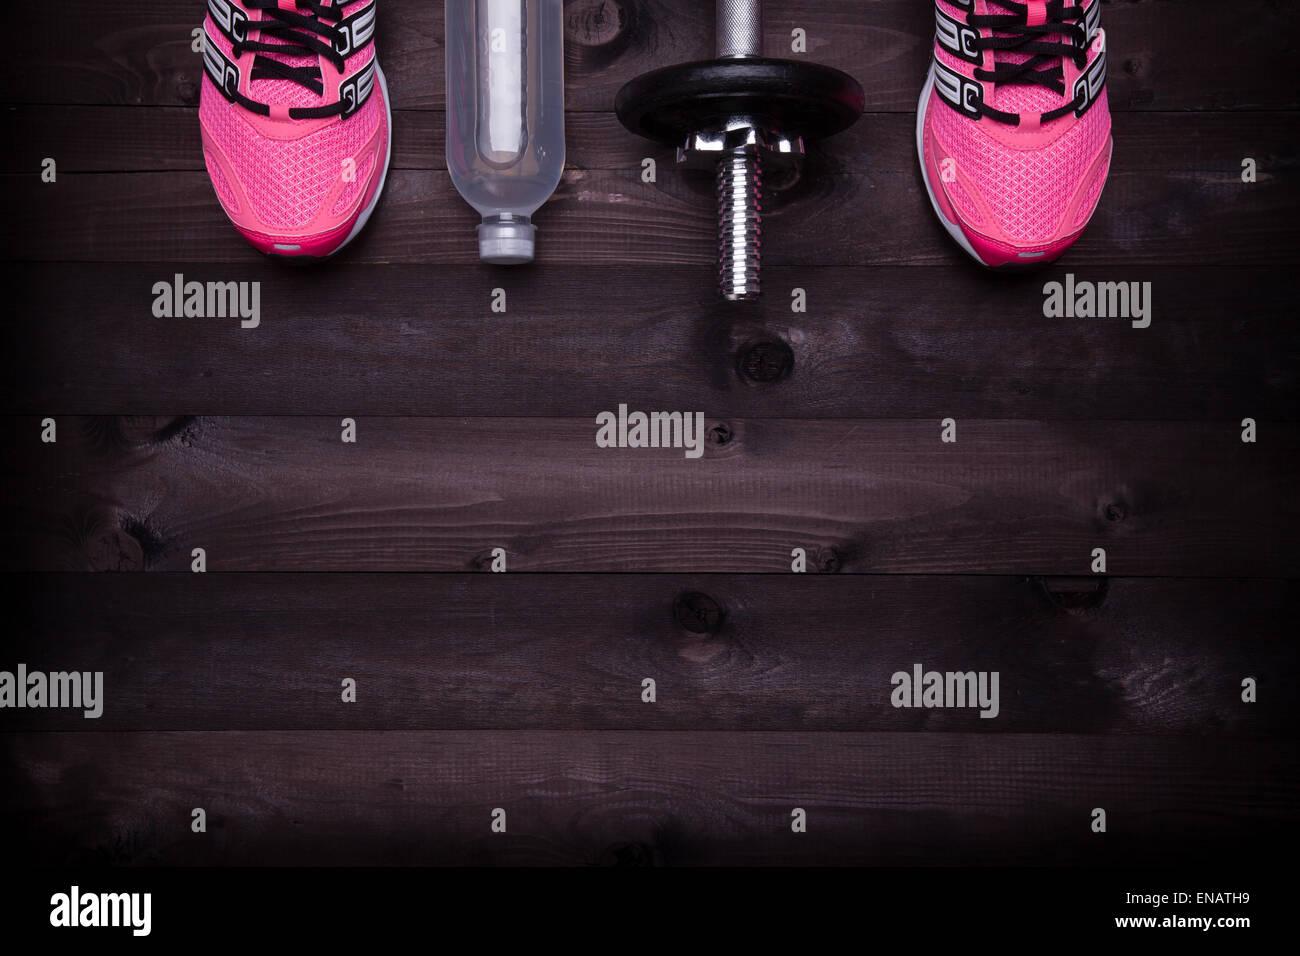 Sportgeräte. Turnschuhe, Wasser und eine Hantel auf einem schwarzen Hintergrund aus Holz Stockbild